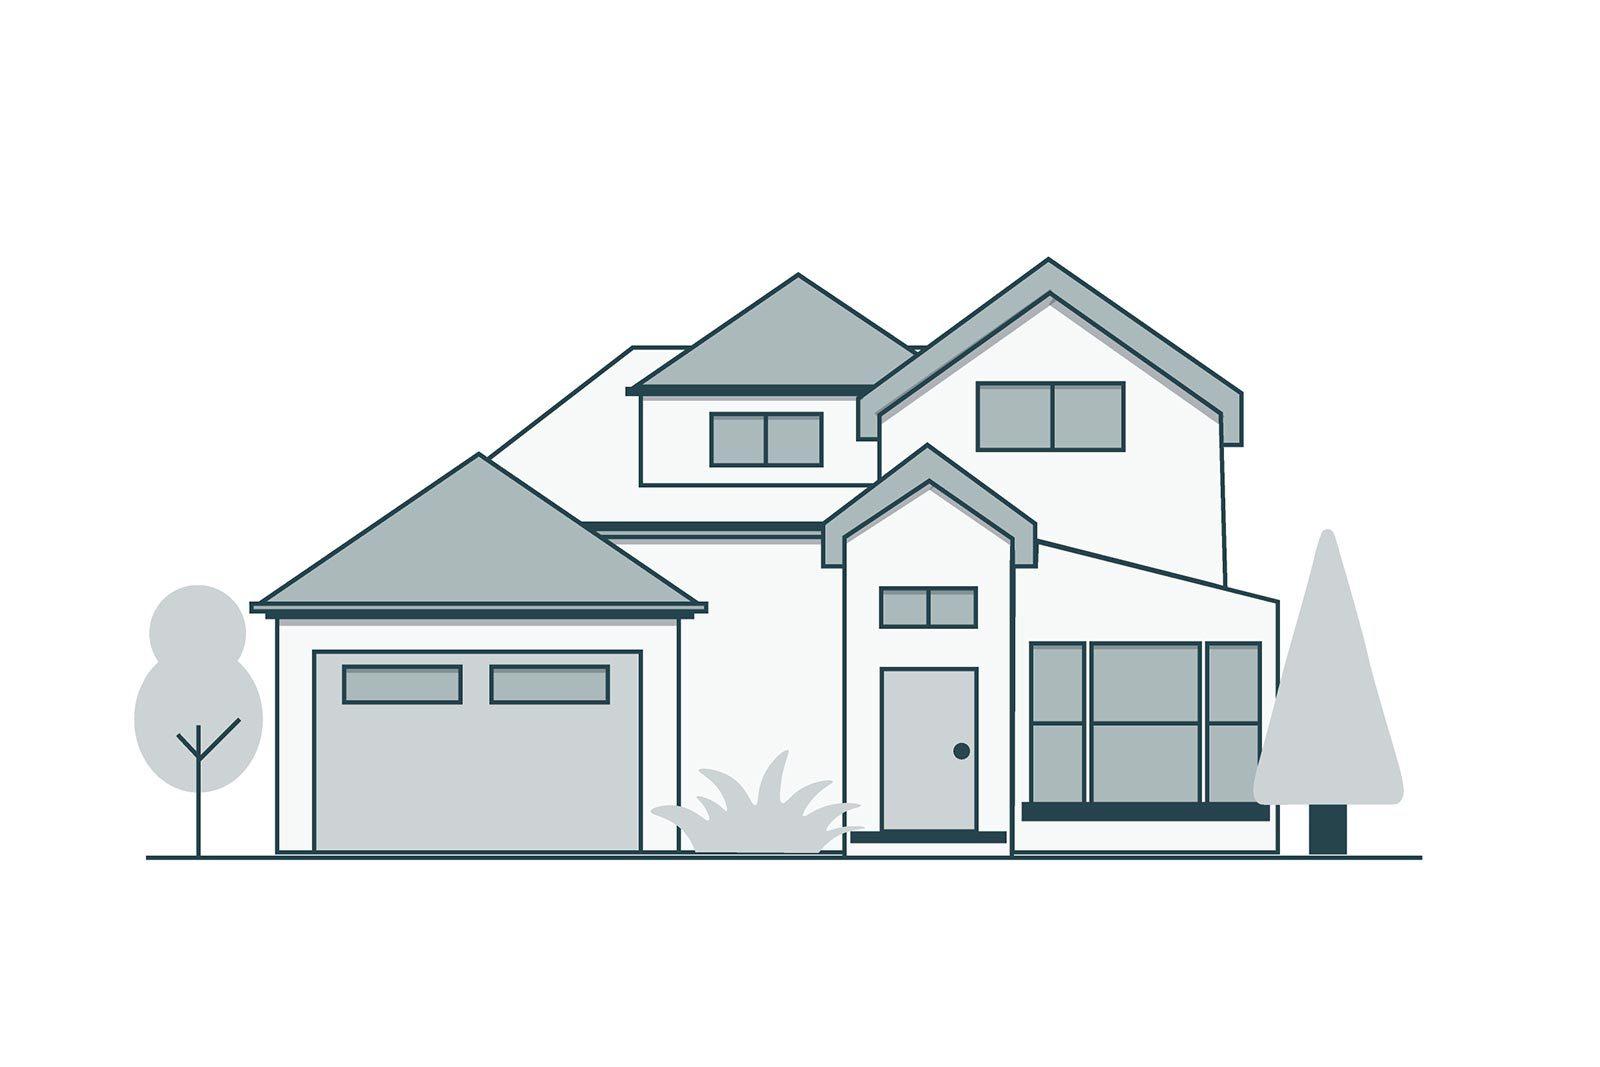 514 16 Shrader Street San Francisco, CA 94117